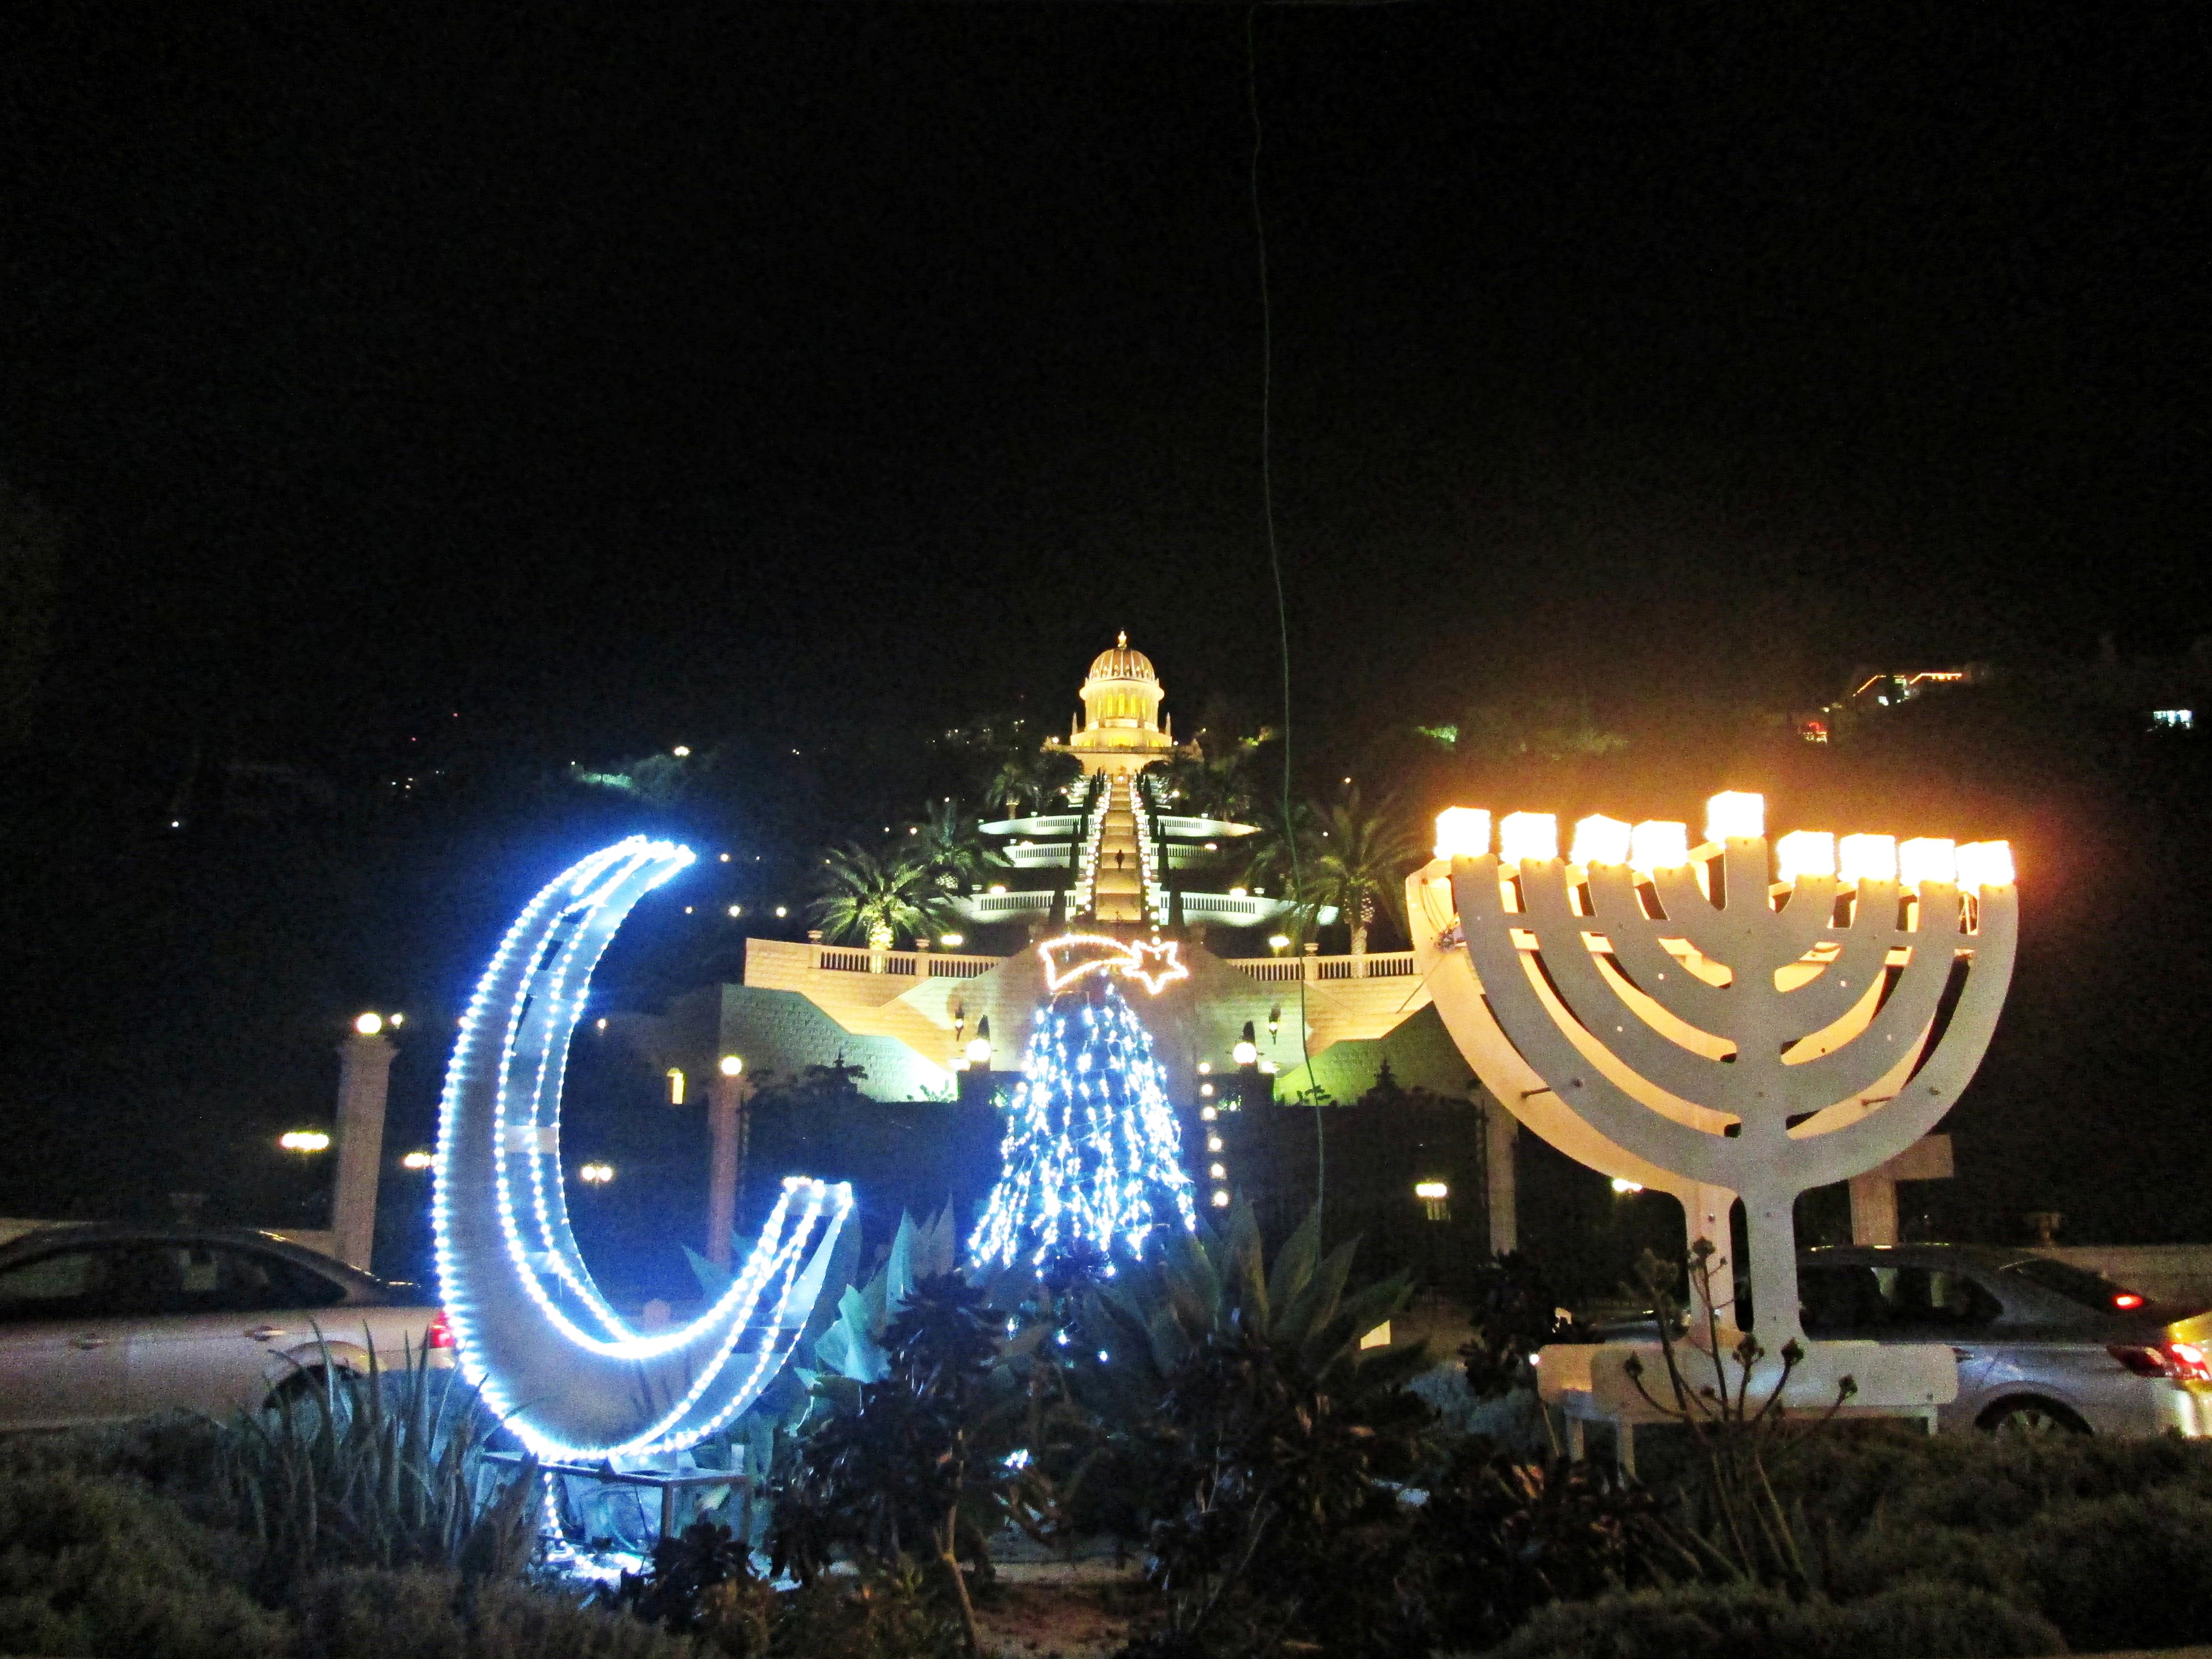 Одна насыщенная пятница после Хануки или ночь перед Рождеством